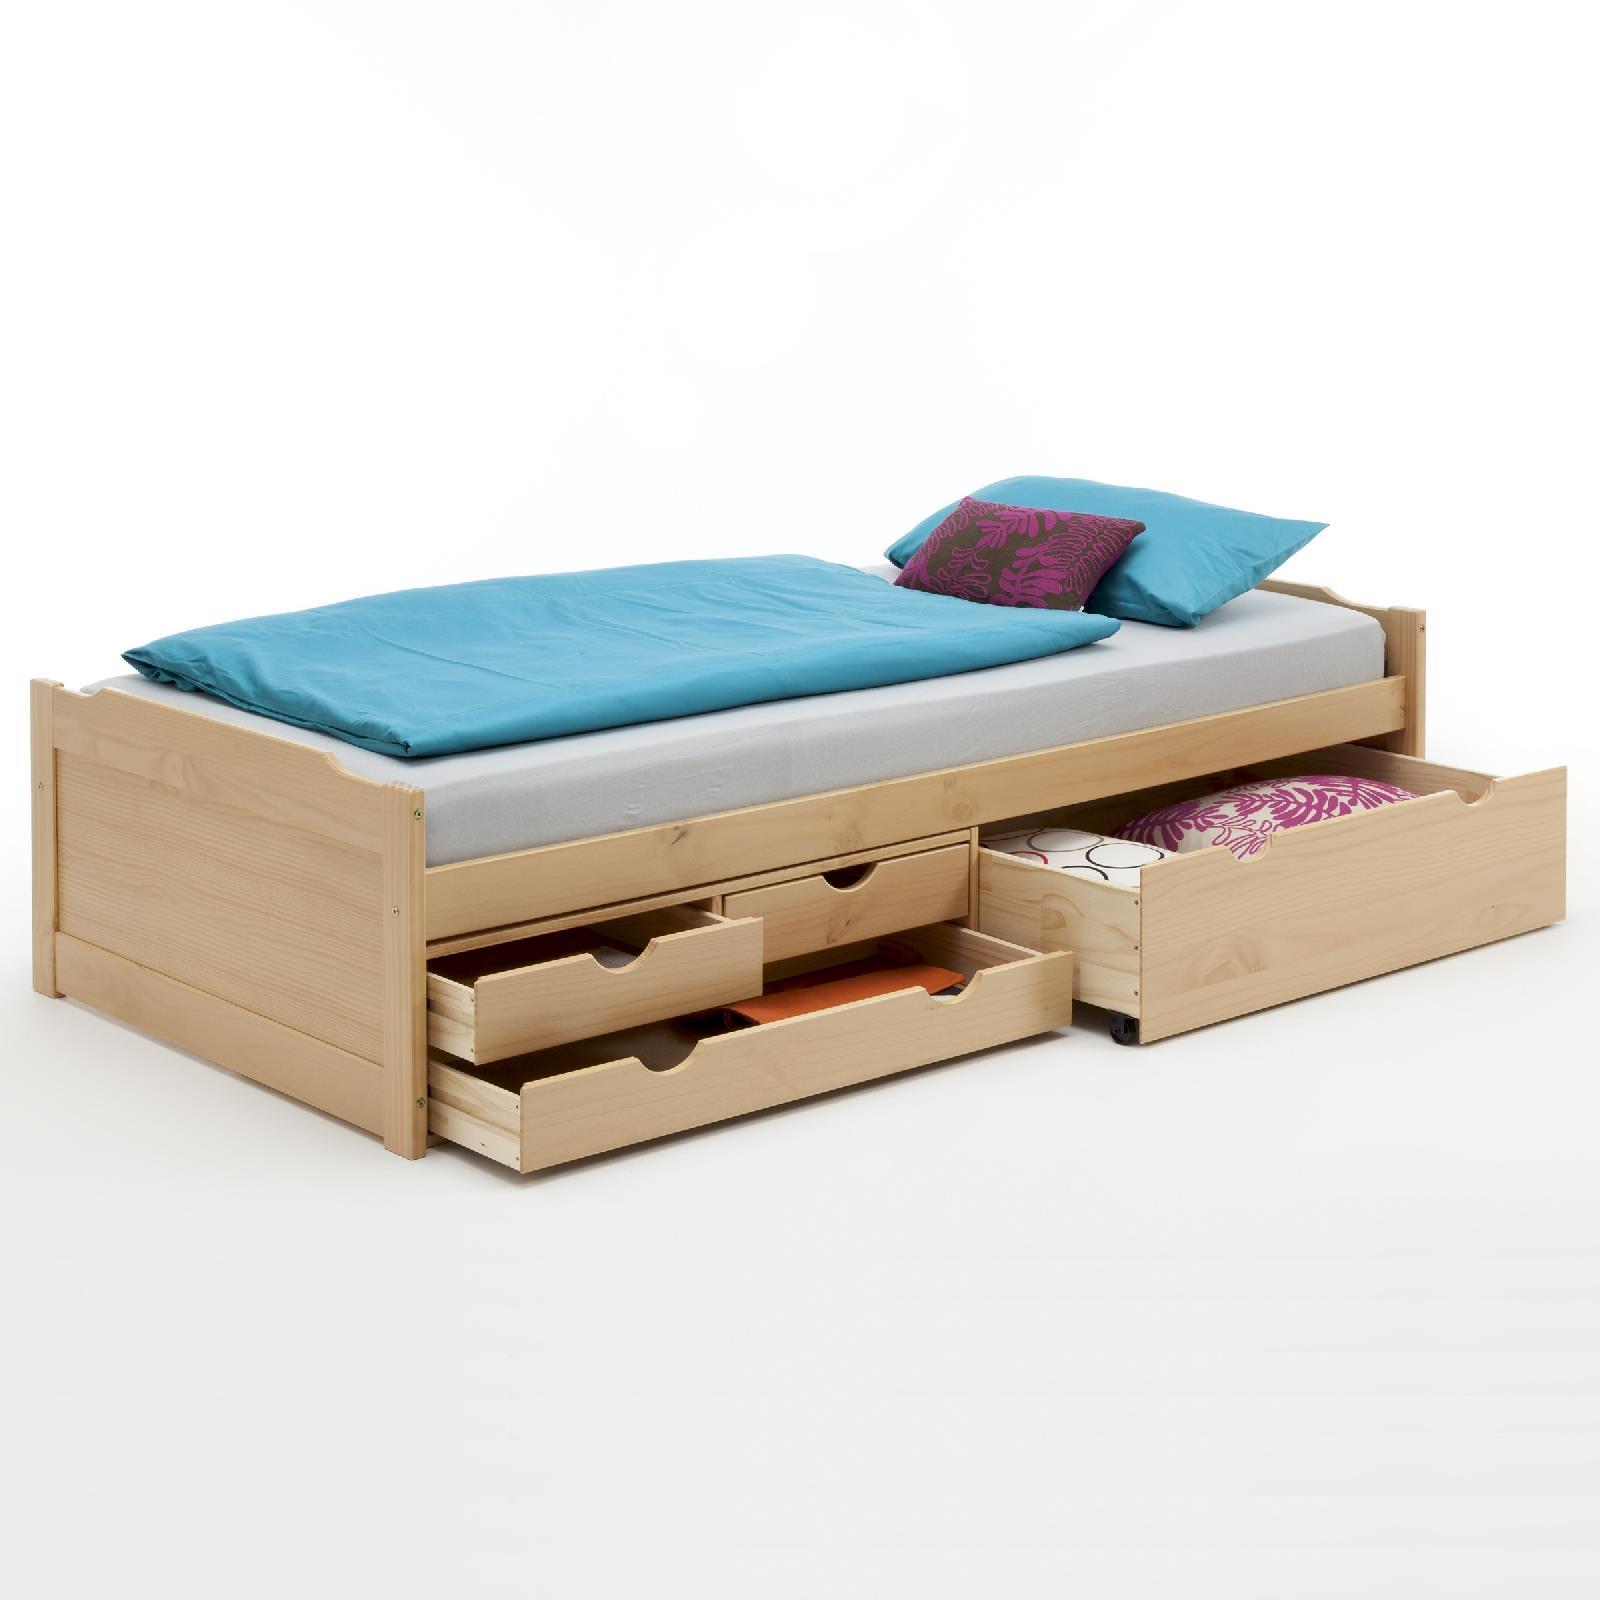 funktionsbett mit stauraum buchefarben caro m bel. Black Bedroom Furniture Sets. Home Design Ideas